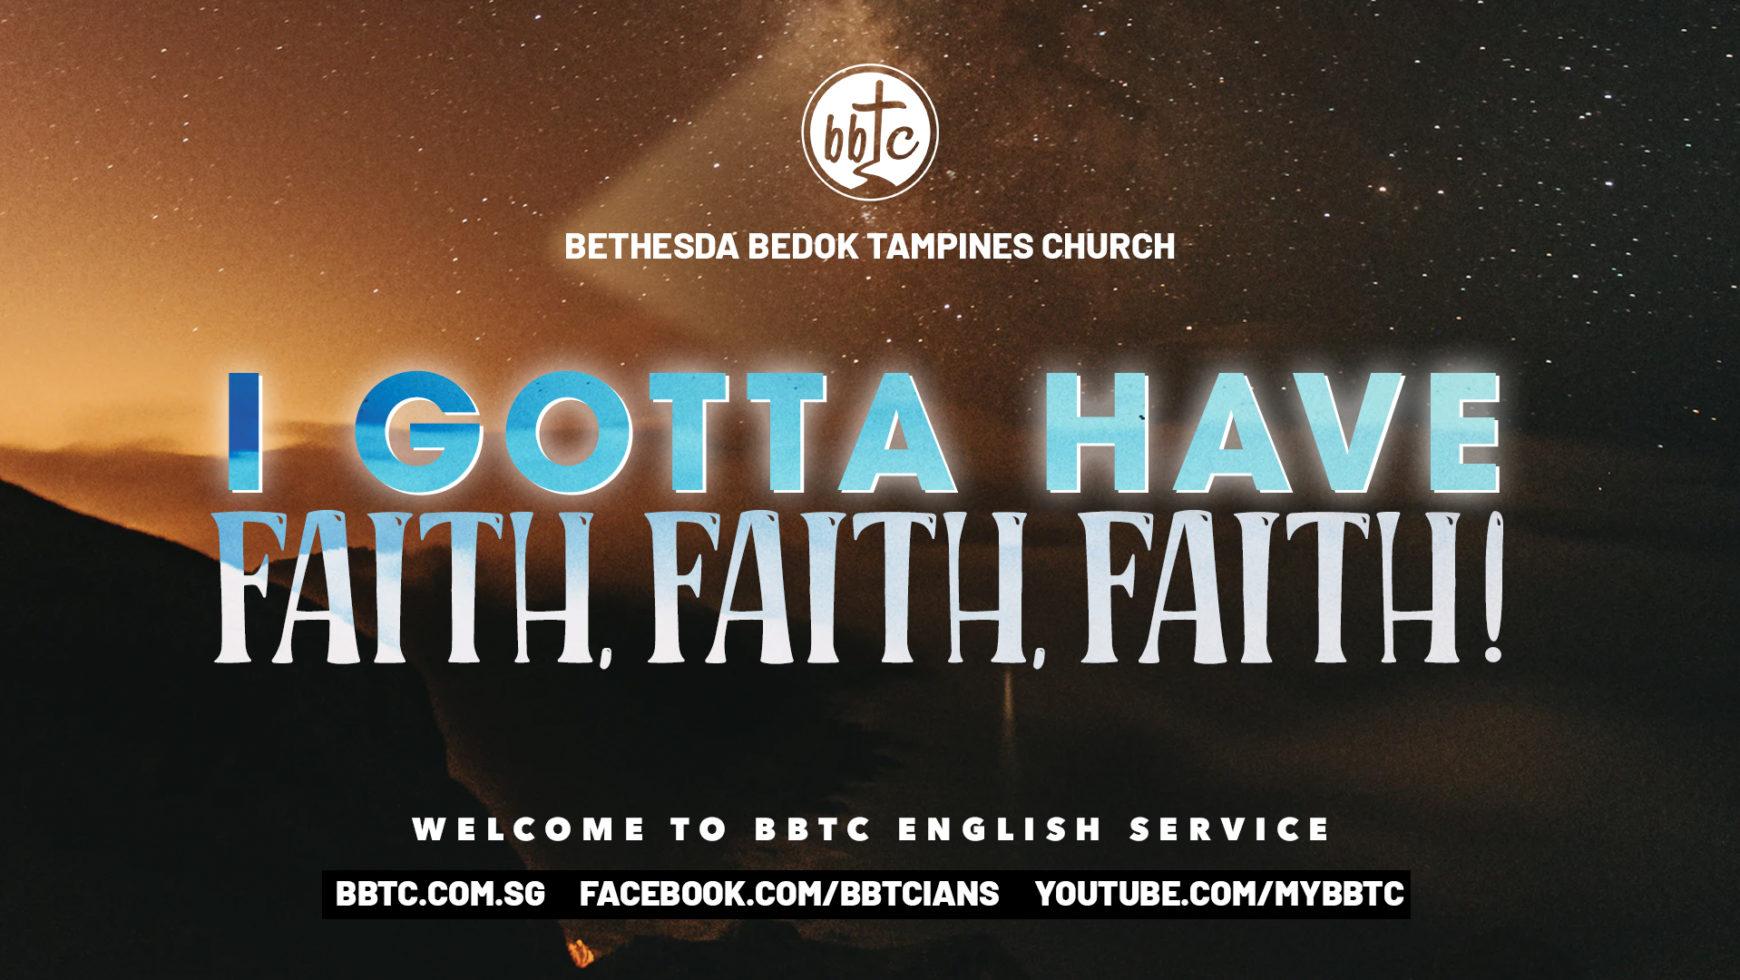 I GOTTA HAVE FAITH, FAITH, FAITH!